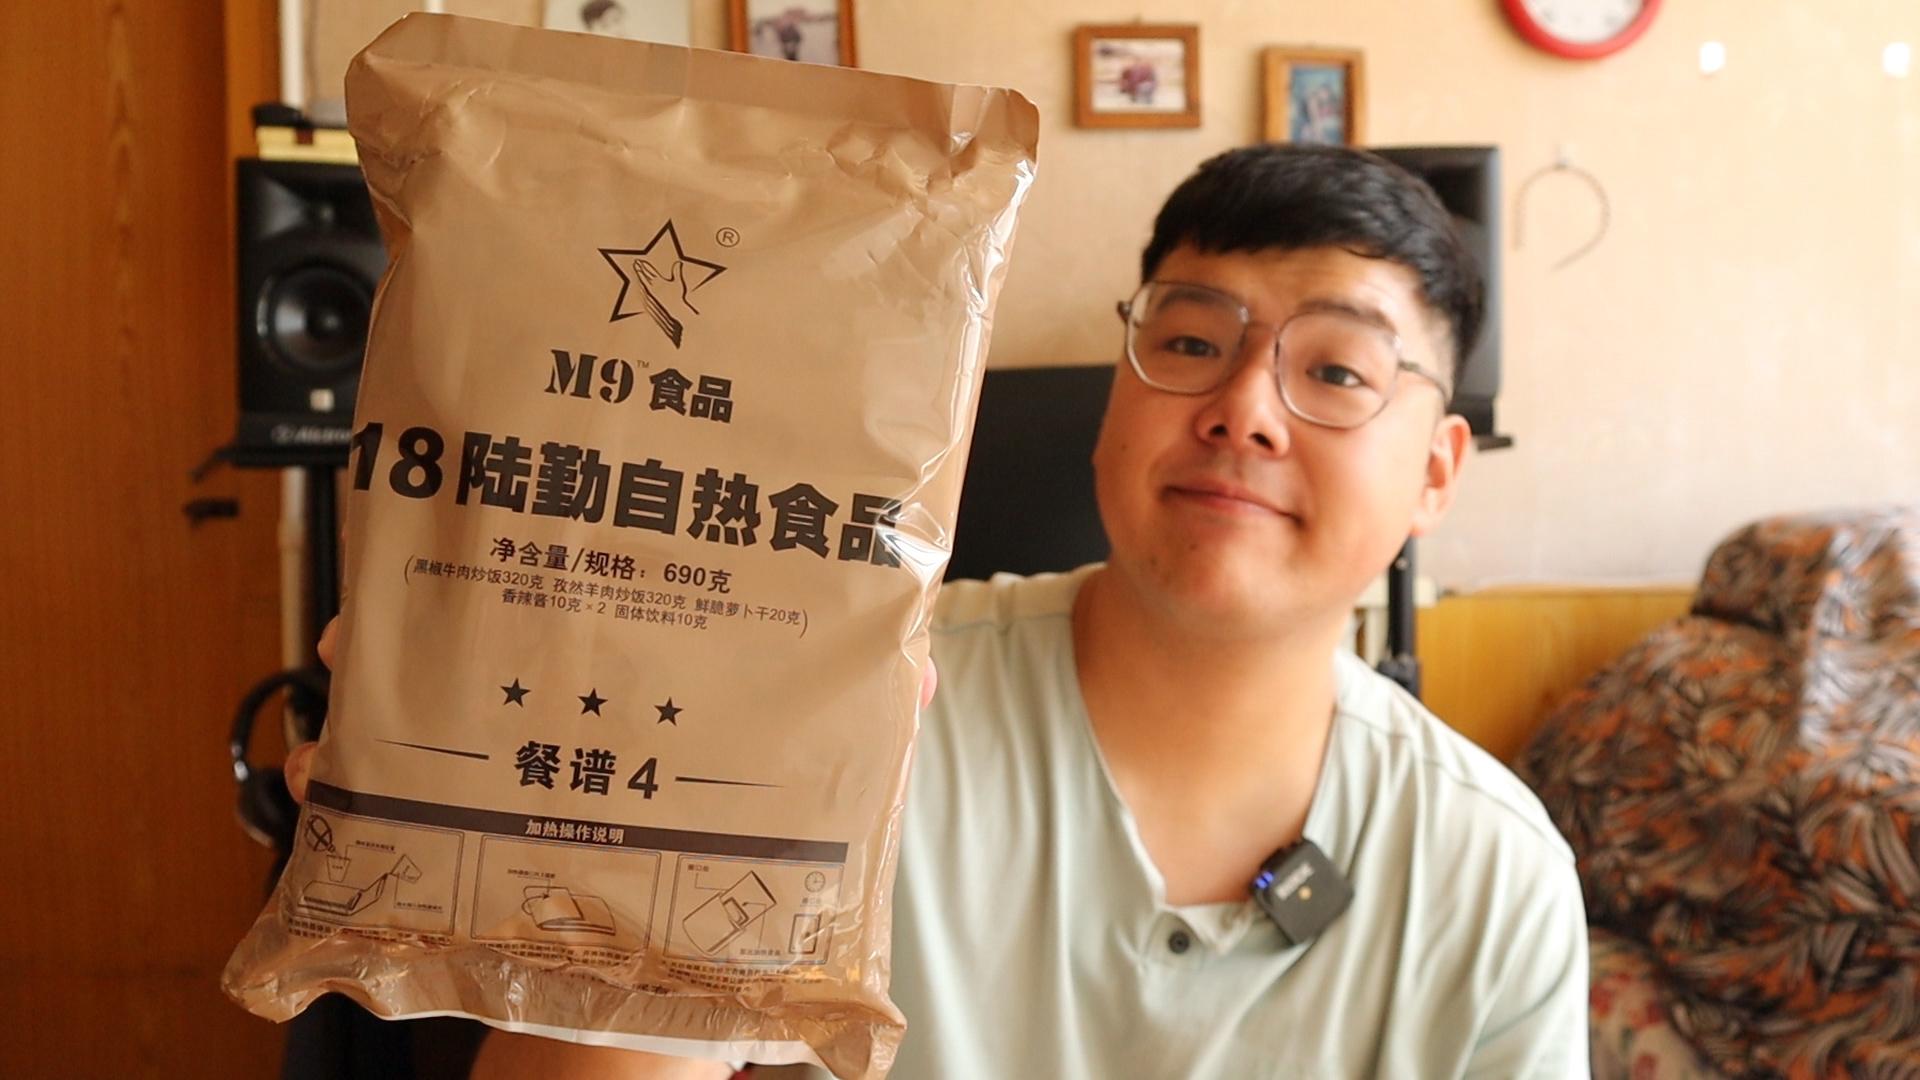 33元买的中国军粮味道如何?就这分量差点没撑死我!